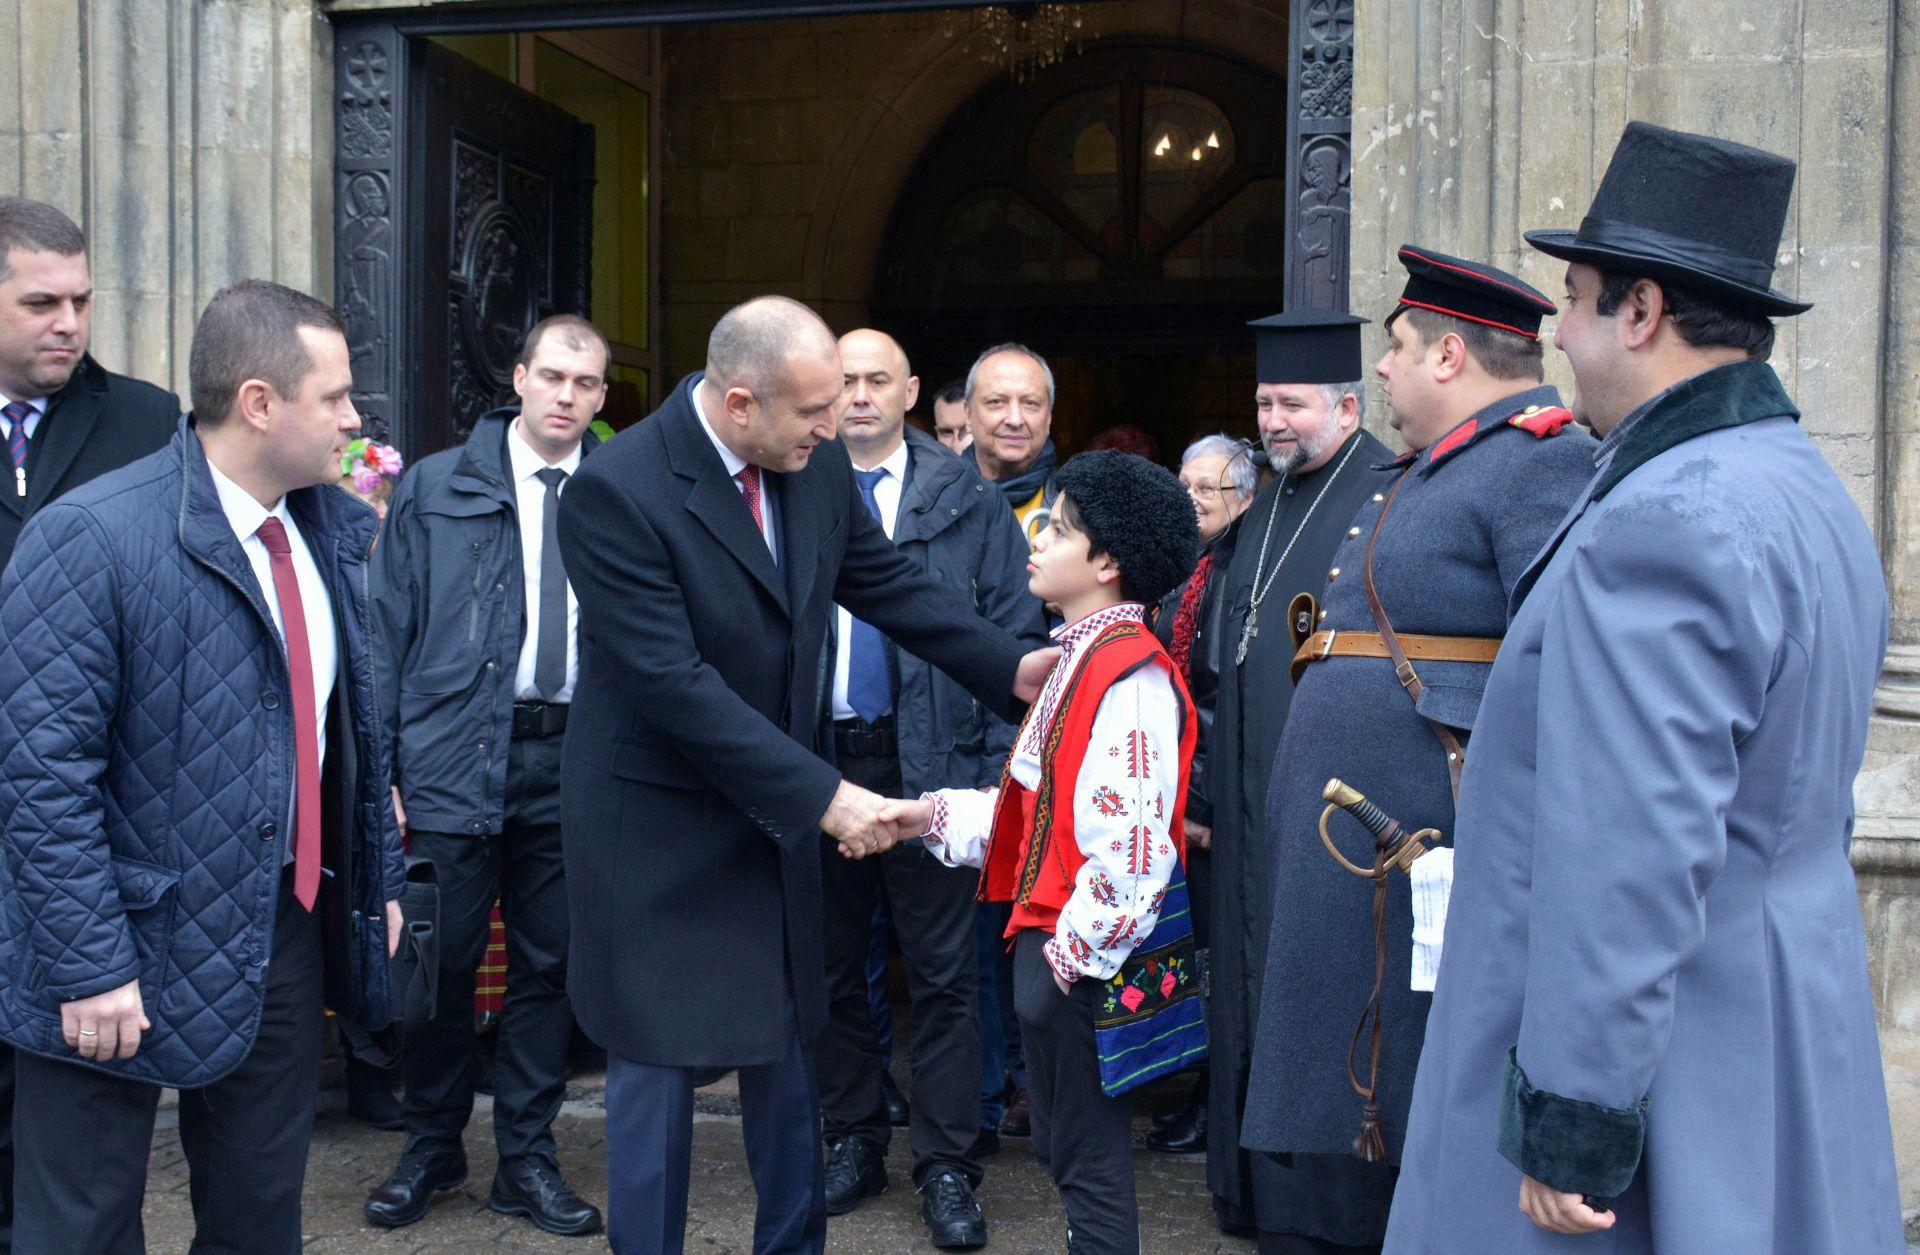 """Президентът пред катедралния храм """"Св. Троица"""" се състоя историческа възстановка на посрещането на руските войски - начело с генерал Тотлебен"""